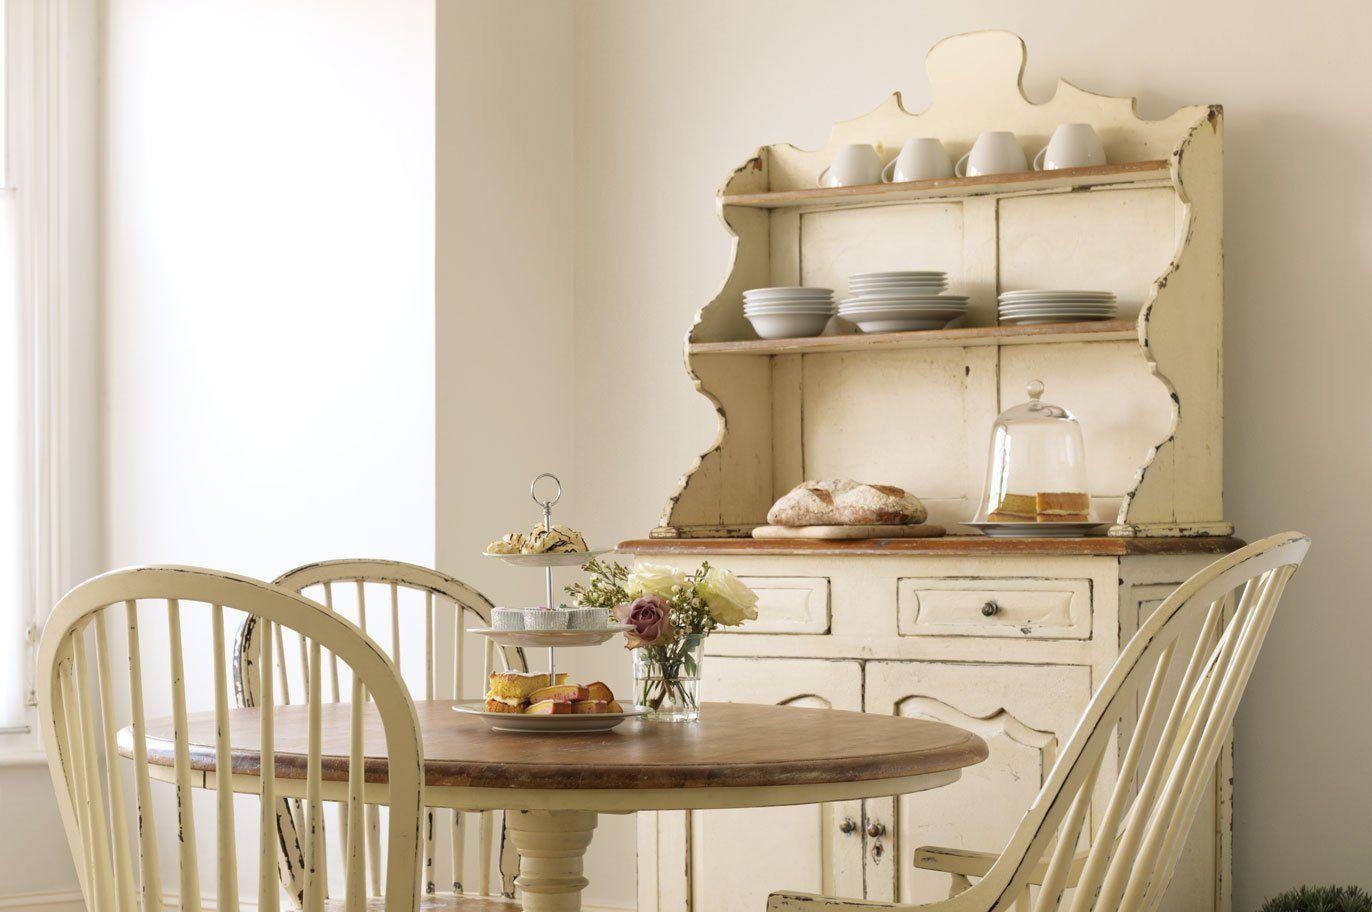 Móveis para uma cozinha de estilo inglês. Decoração da casa.